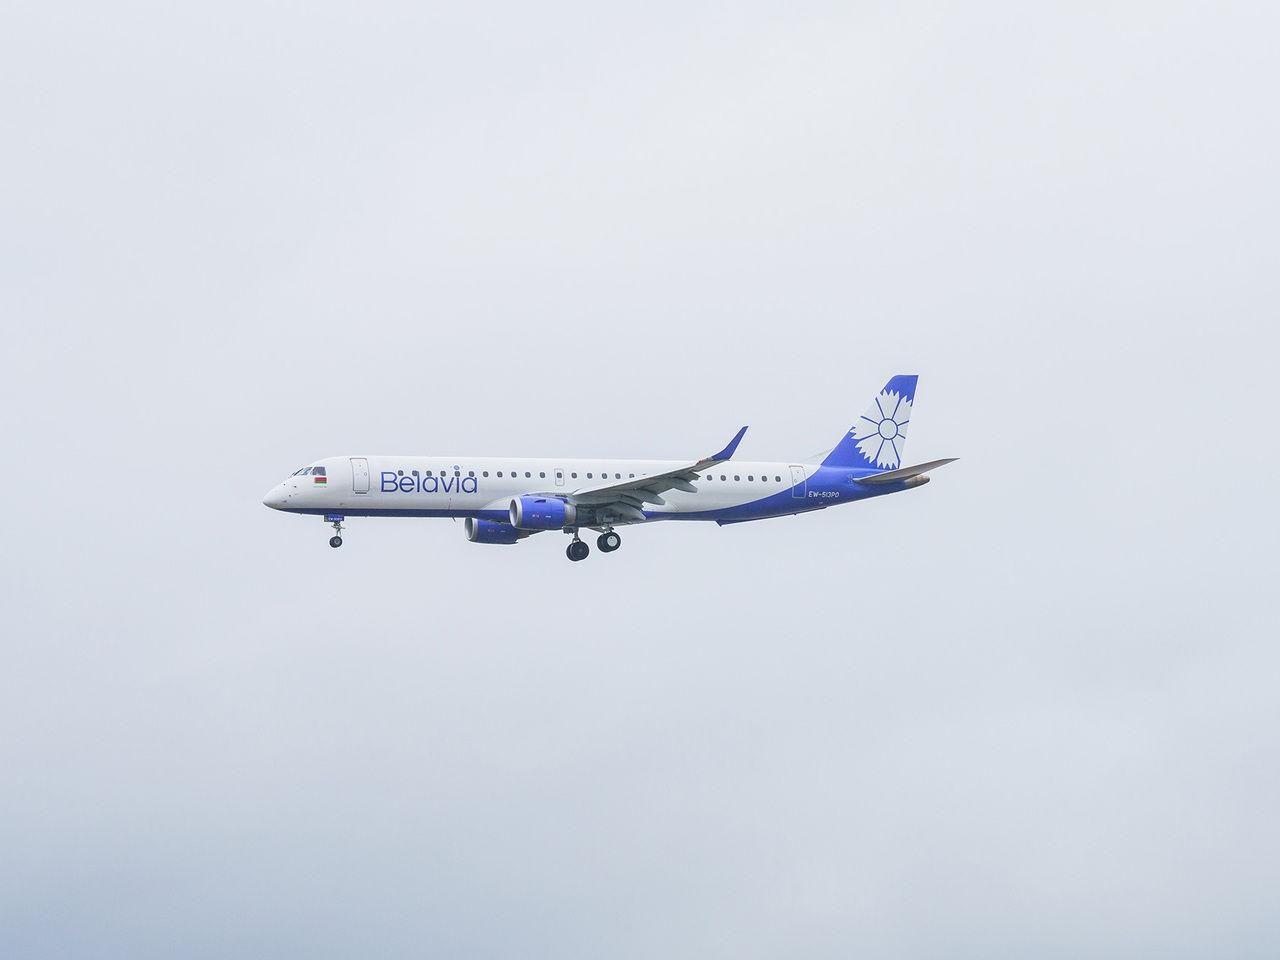 Самолет Белавиа, летевший в Анталию, подал сигнал бедствия и сменил курс